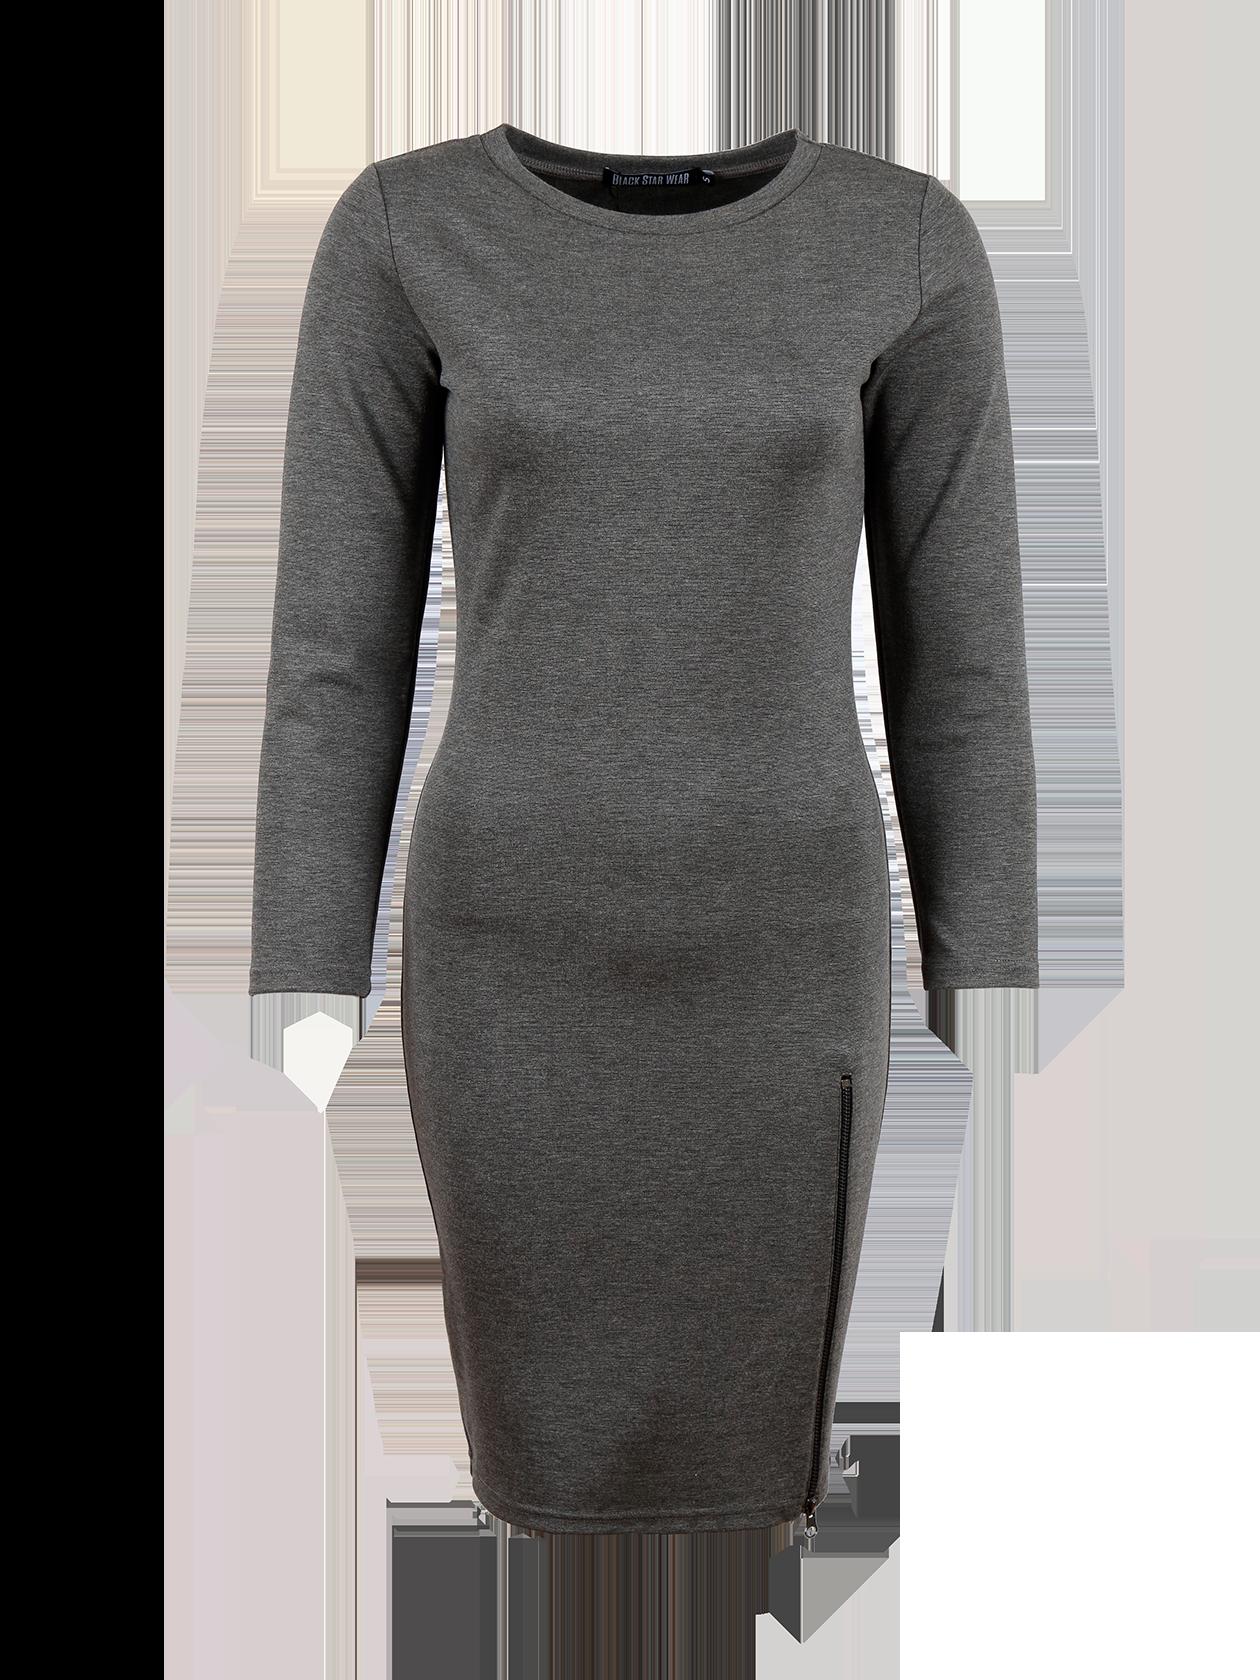 Платье женское SKINNY ZIP 13Платье женское Skinny Zip 13 создано для тех, кто привык себя считать иконой стиля даже при походе в магазин. Если вы находитесь в поисках своего идеального и неповторимого образа, то это именно то, что нужно. Вдохновляющее, пленительное, в меру сексуальное и одновременно комфортное. Пожалуй, лучшего варианта для уверенной в себе и привлекательной девушки не существует. Боковая молния до линии бедер подчеркнет яркость своей хозяйки. Выберите для себя лучшее цветовое решение – черное или серое.<br><br>Размер: M<br>Цвет: Темно-серый<br>Пол: Женский